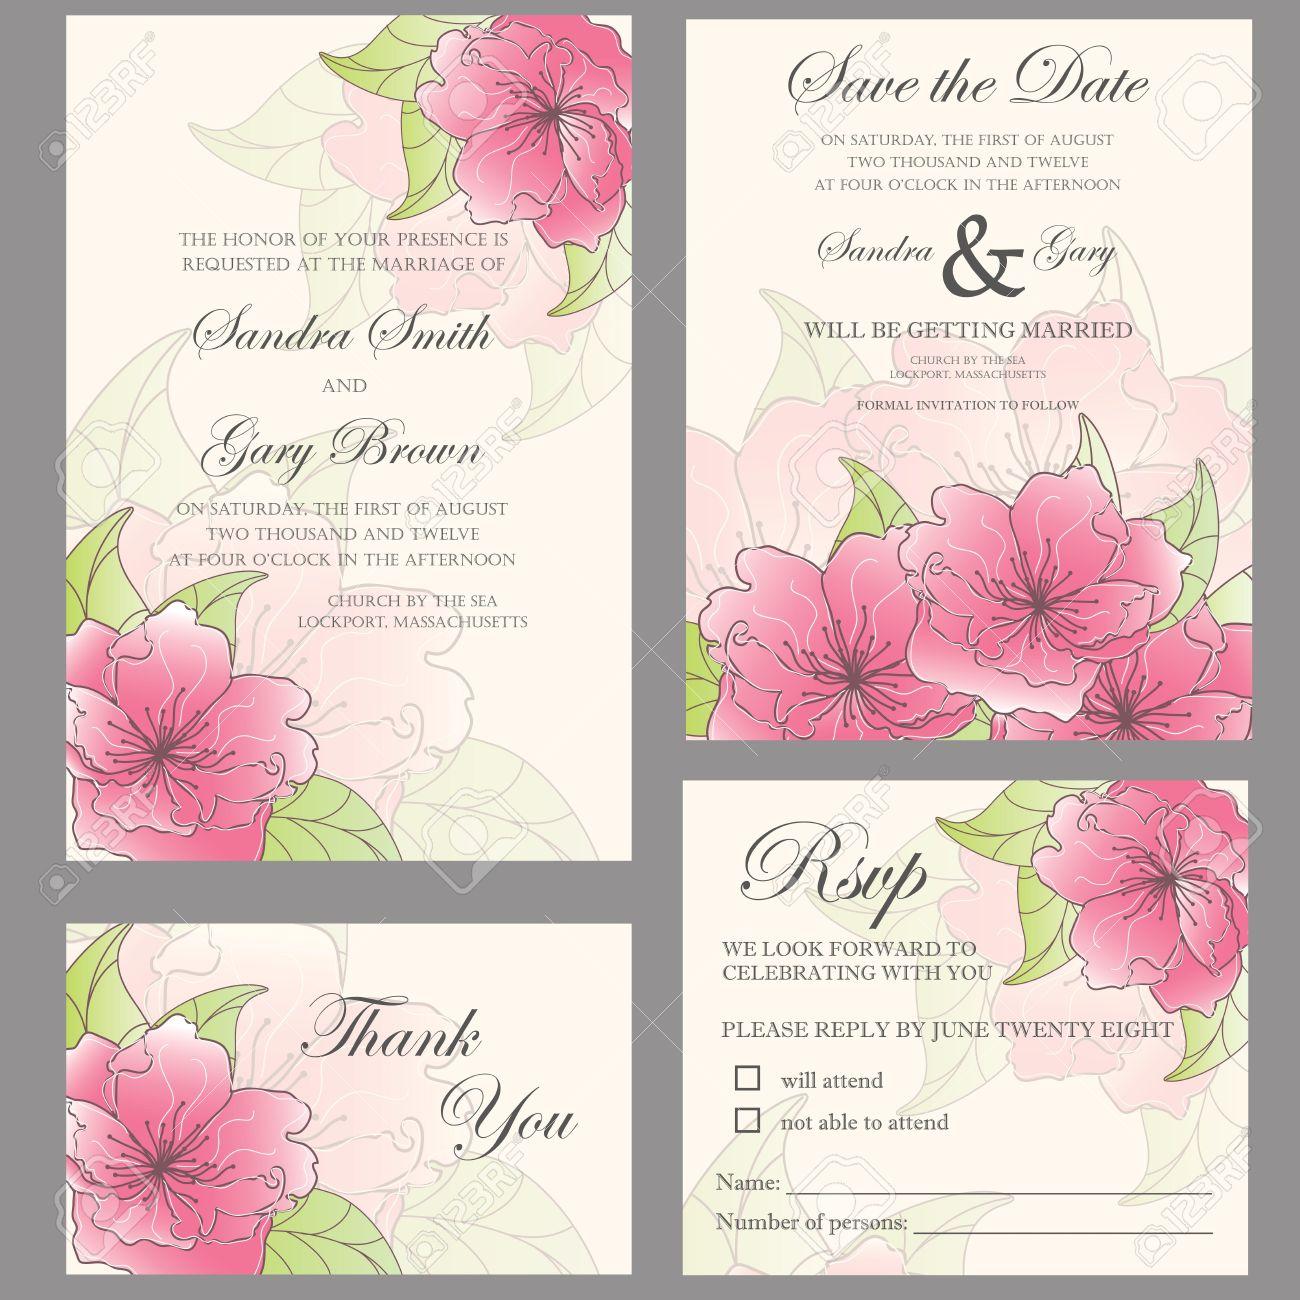 hochzeit einladung gesetzt hochzeitseinladung, dankeschön-karte, Einladung